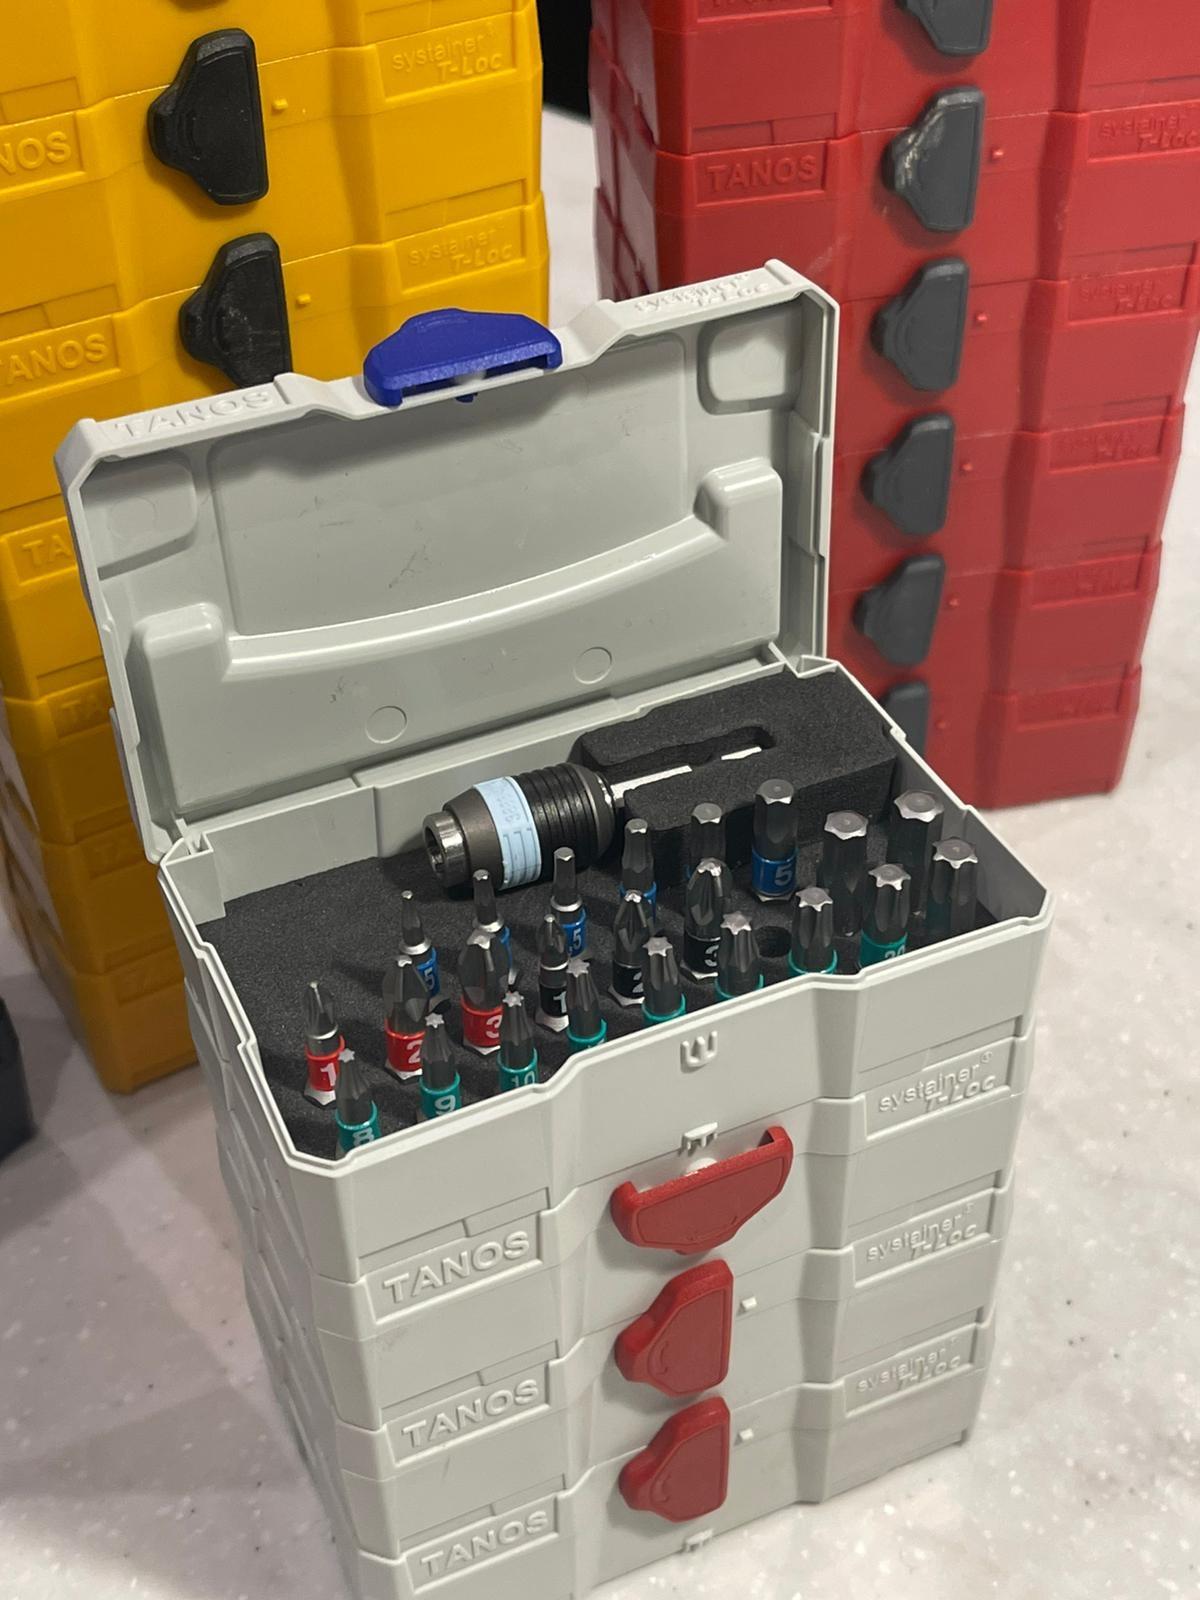 Stel je eigen bitset samen met deze handige en stapelbare mini systainer